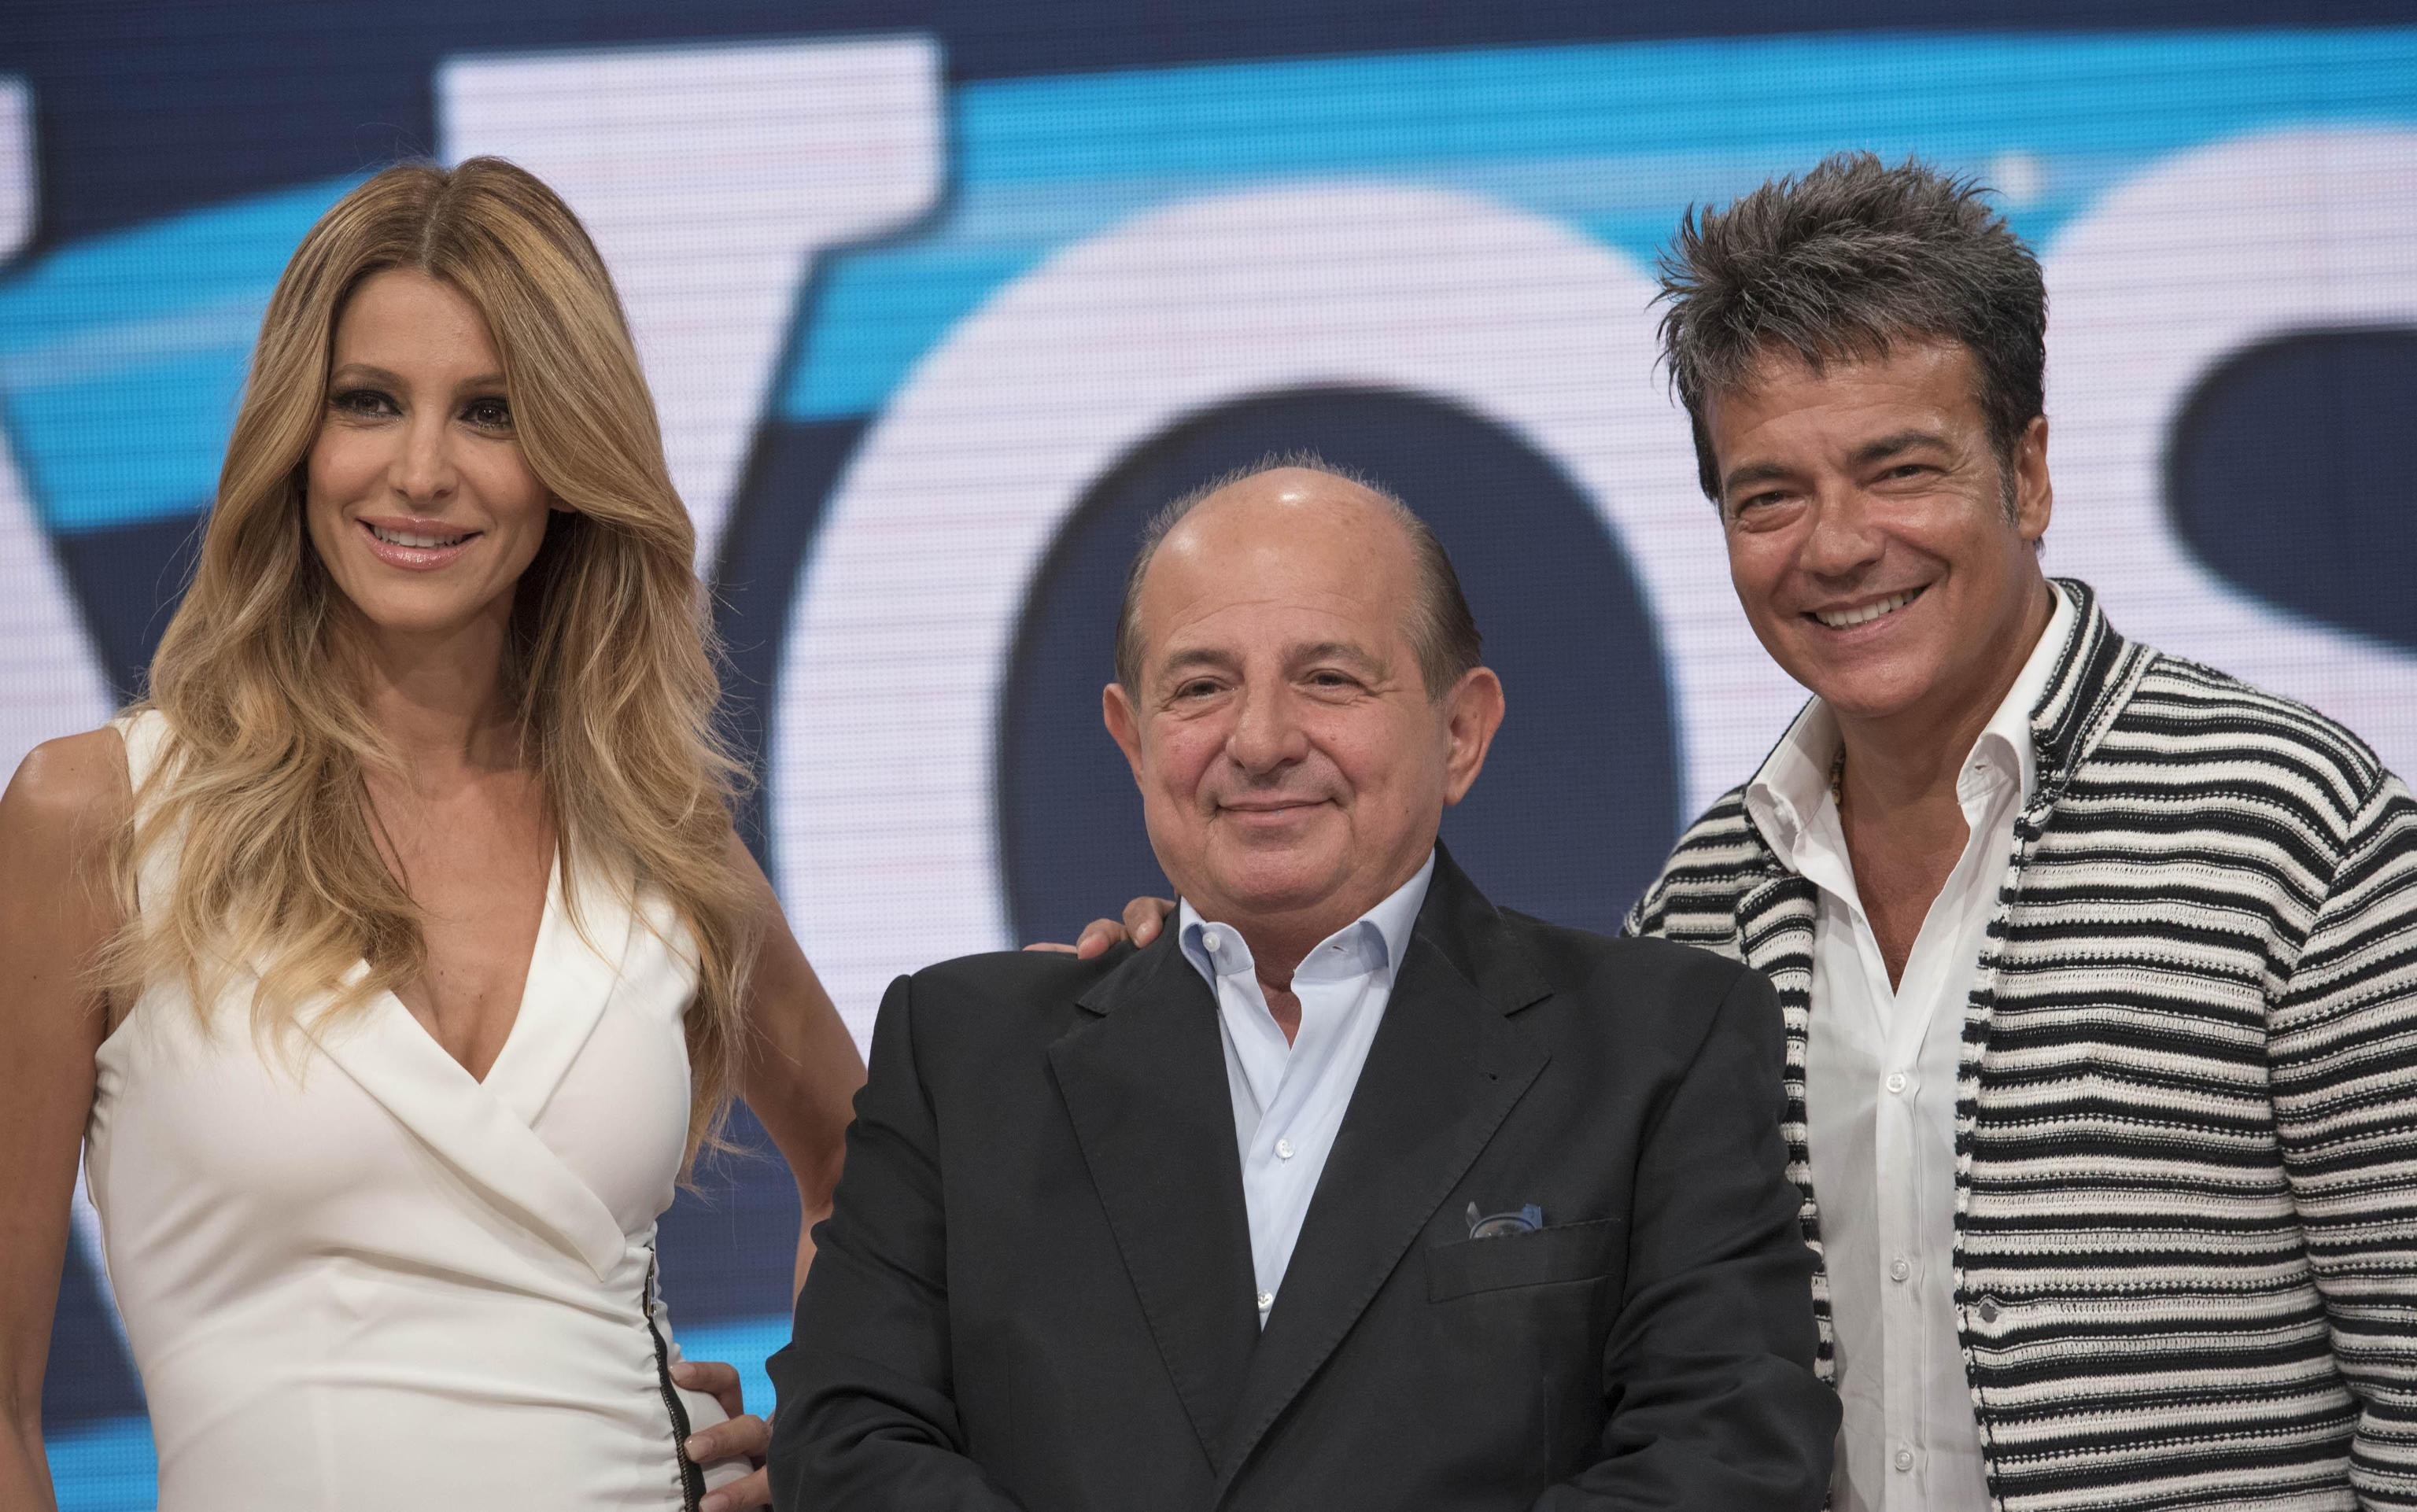 Giancarlo Magalli e Marcello Cirillo, 'I Fatti Vostri' si discutono su Facebook